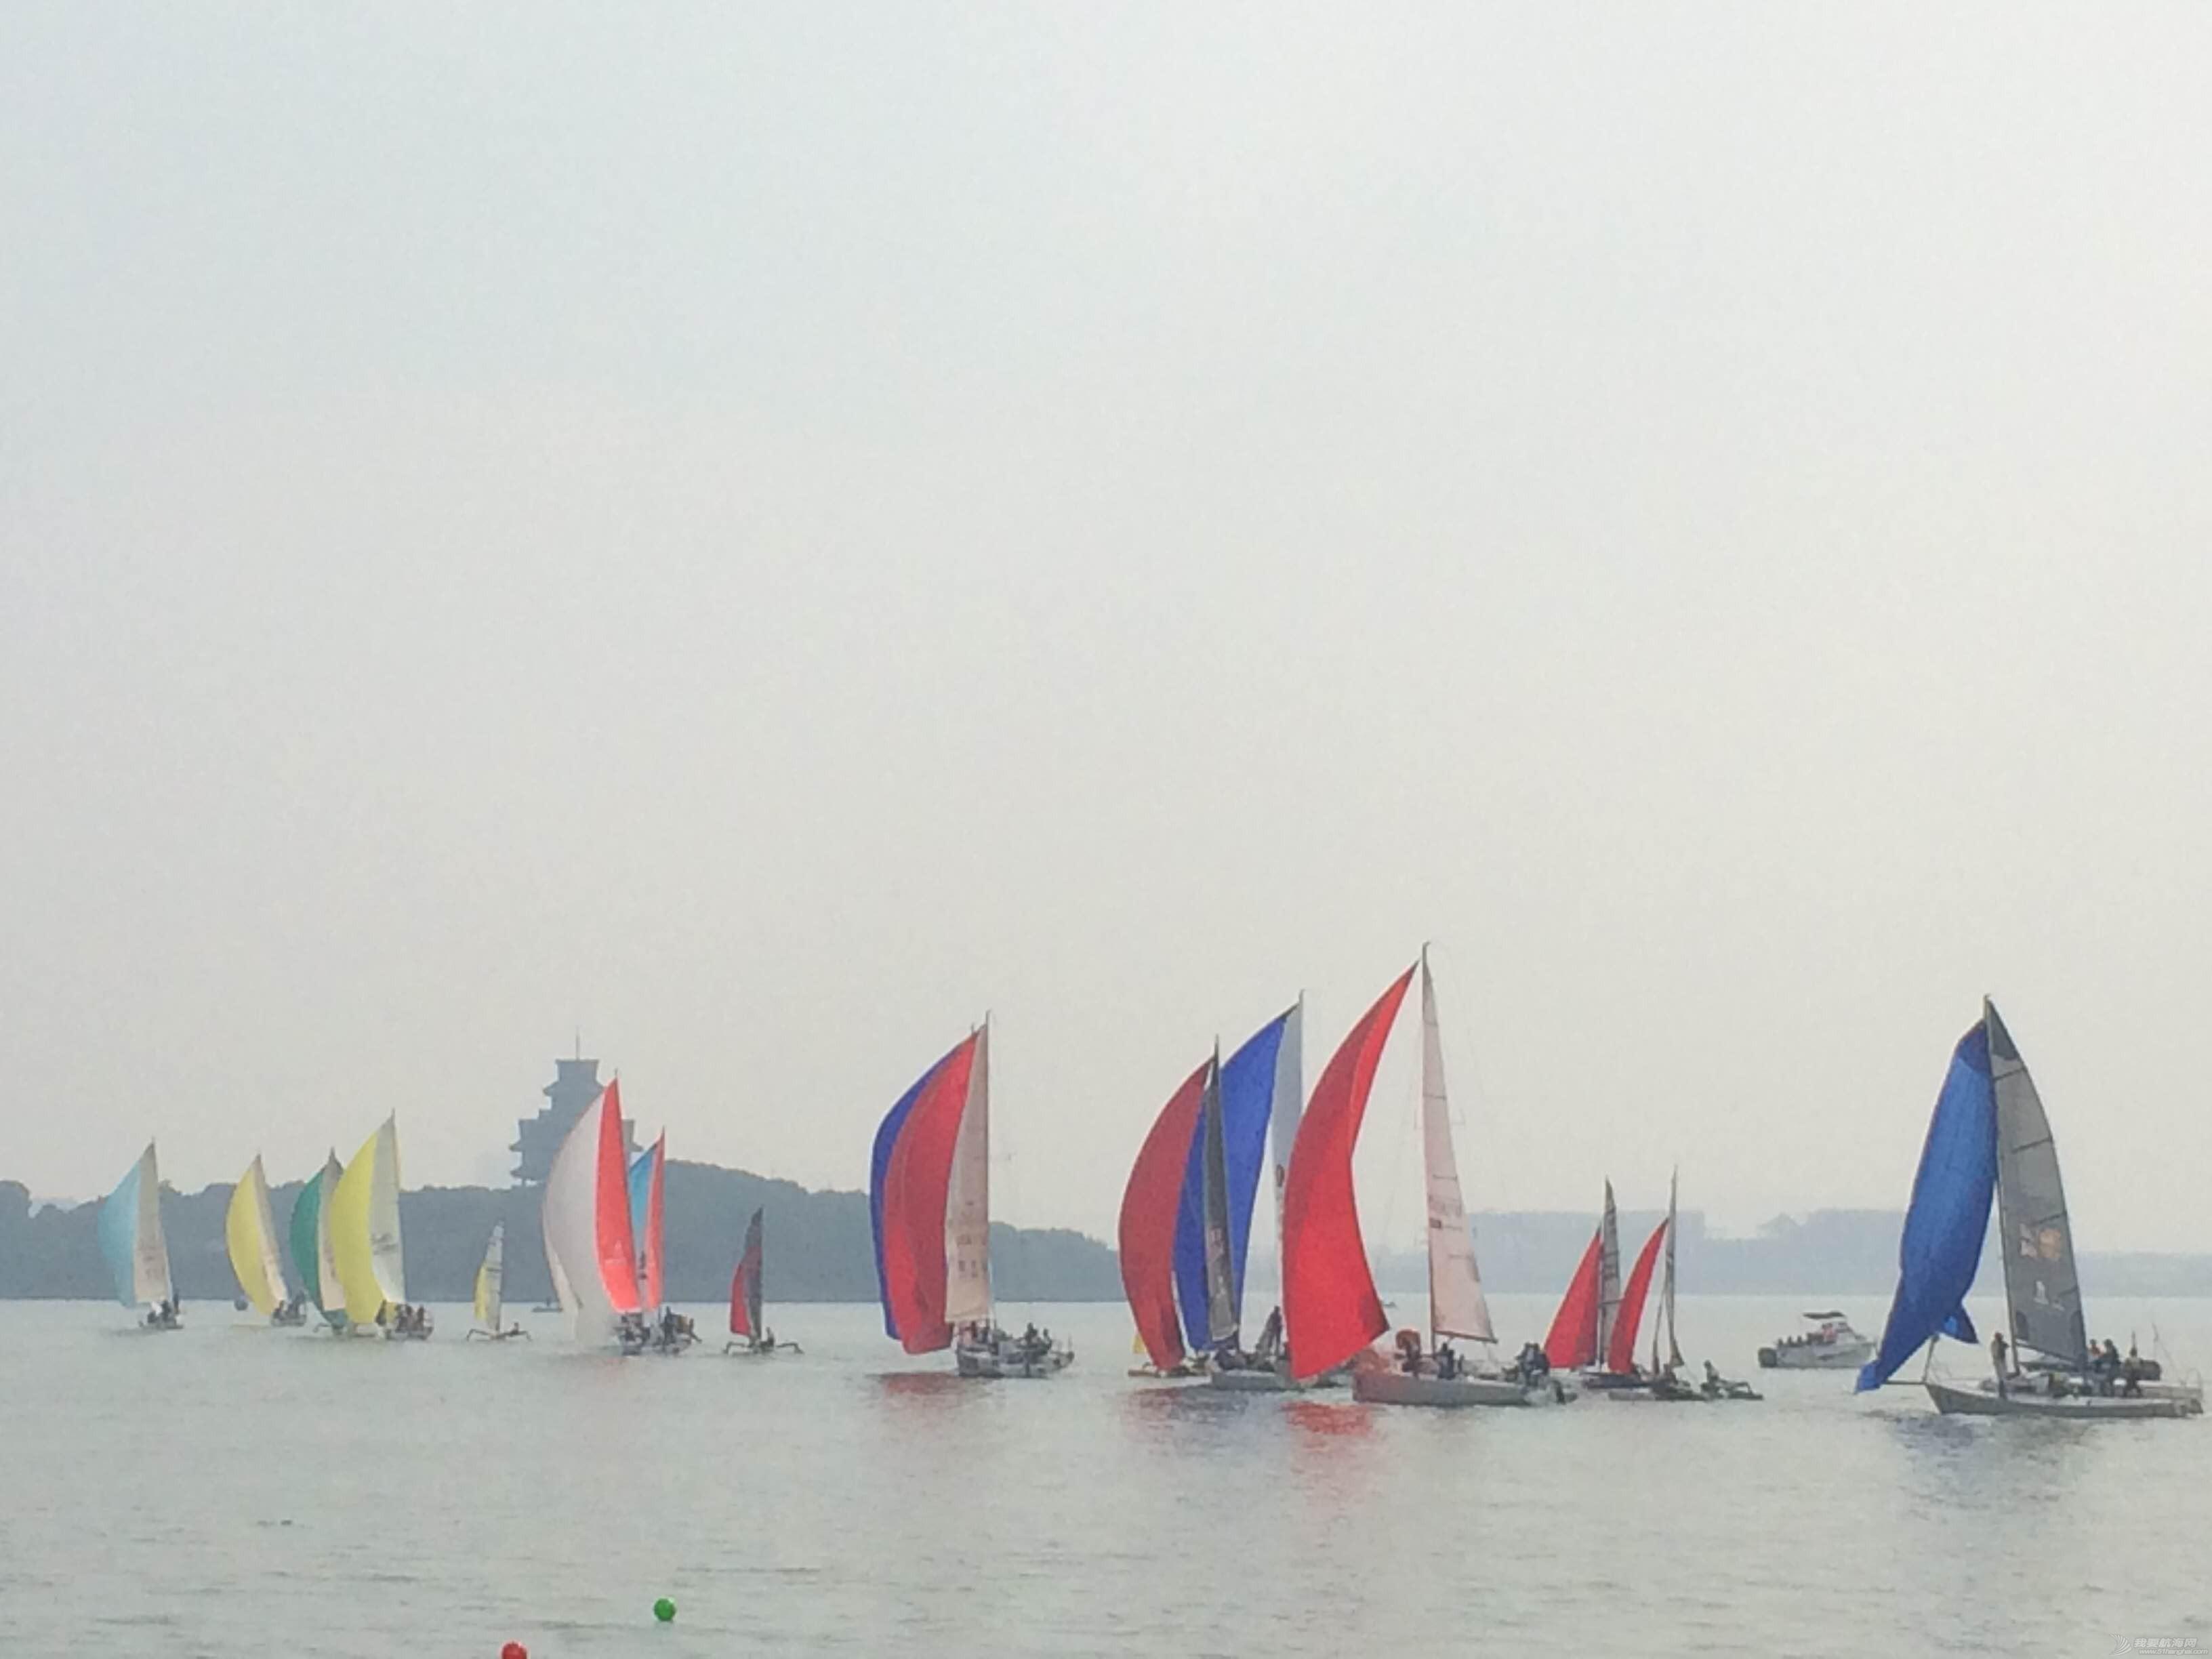 全新的世界,金鸡 风起湖上-城际内湖杯帆船赛 2016-10-16